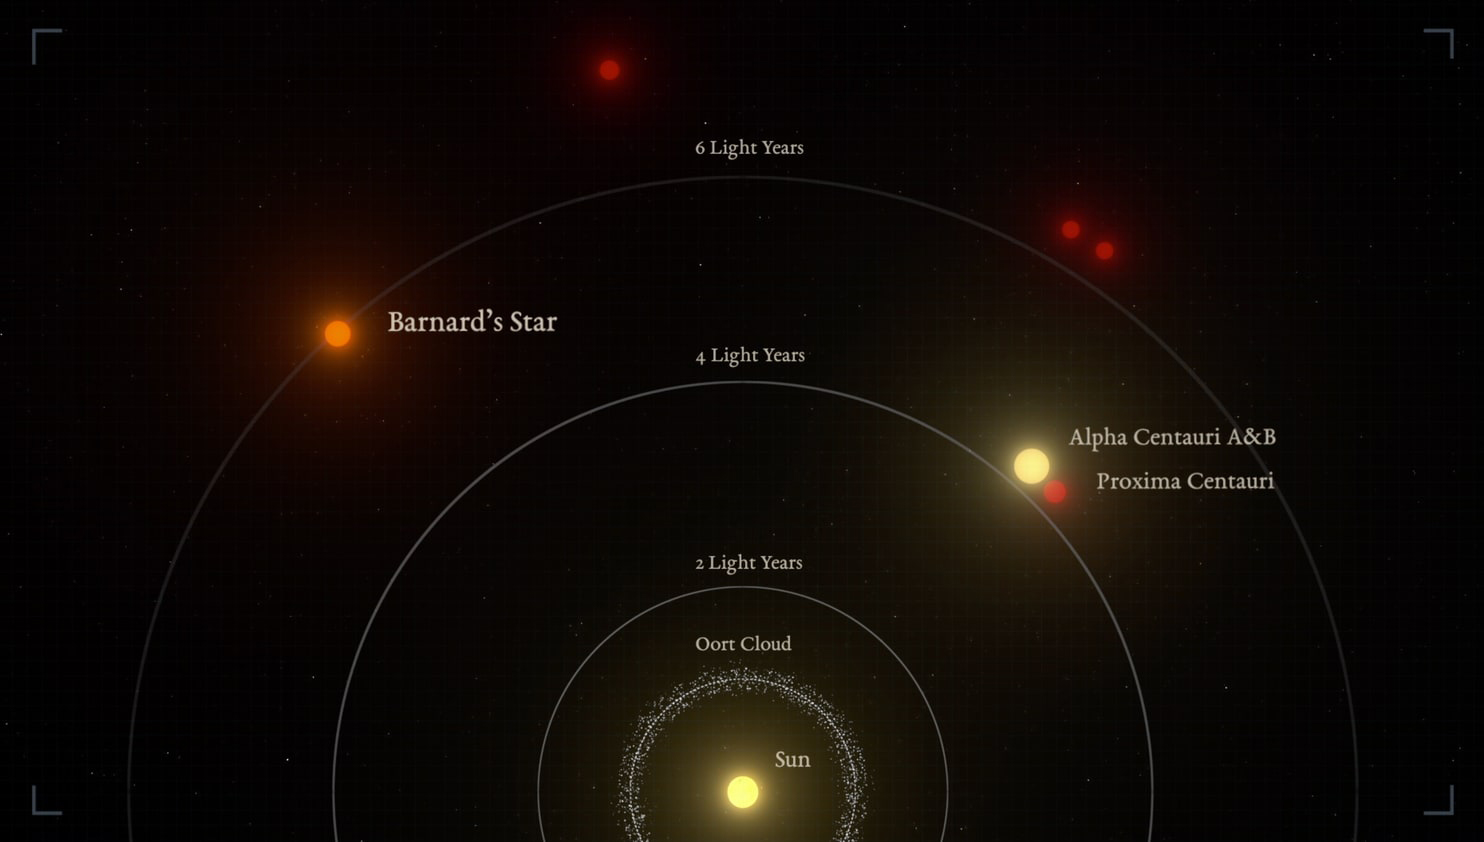 Una ilustración de las distancias relativas entre el sol y las estrellas. la Estrella de Barnard es la segunda que queda más cerca (Guillem Ramisa/IEEC/Science Wave)